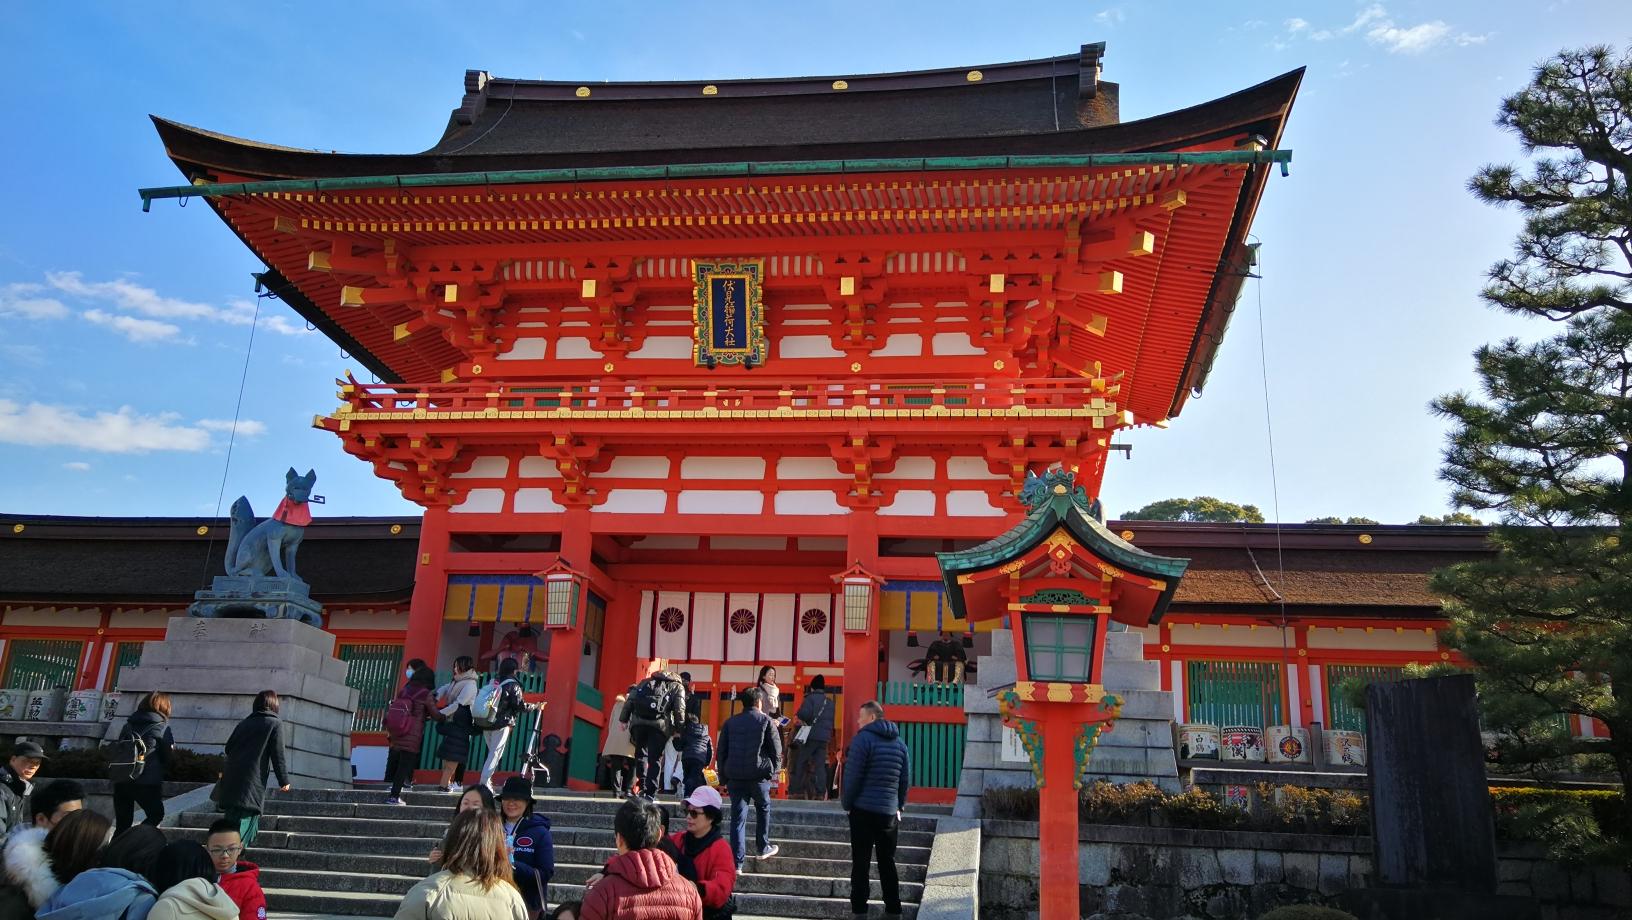 京都kyoto 2days 1 night_游记